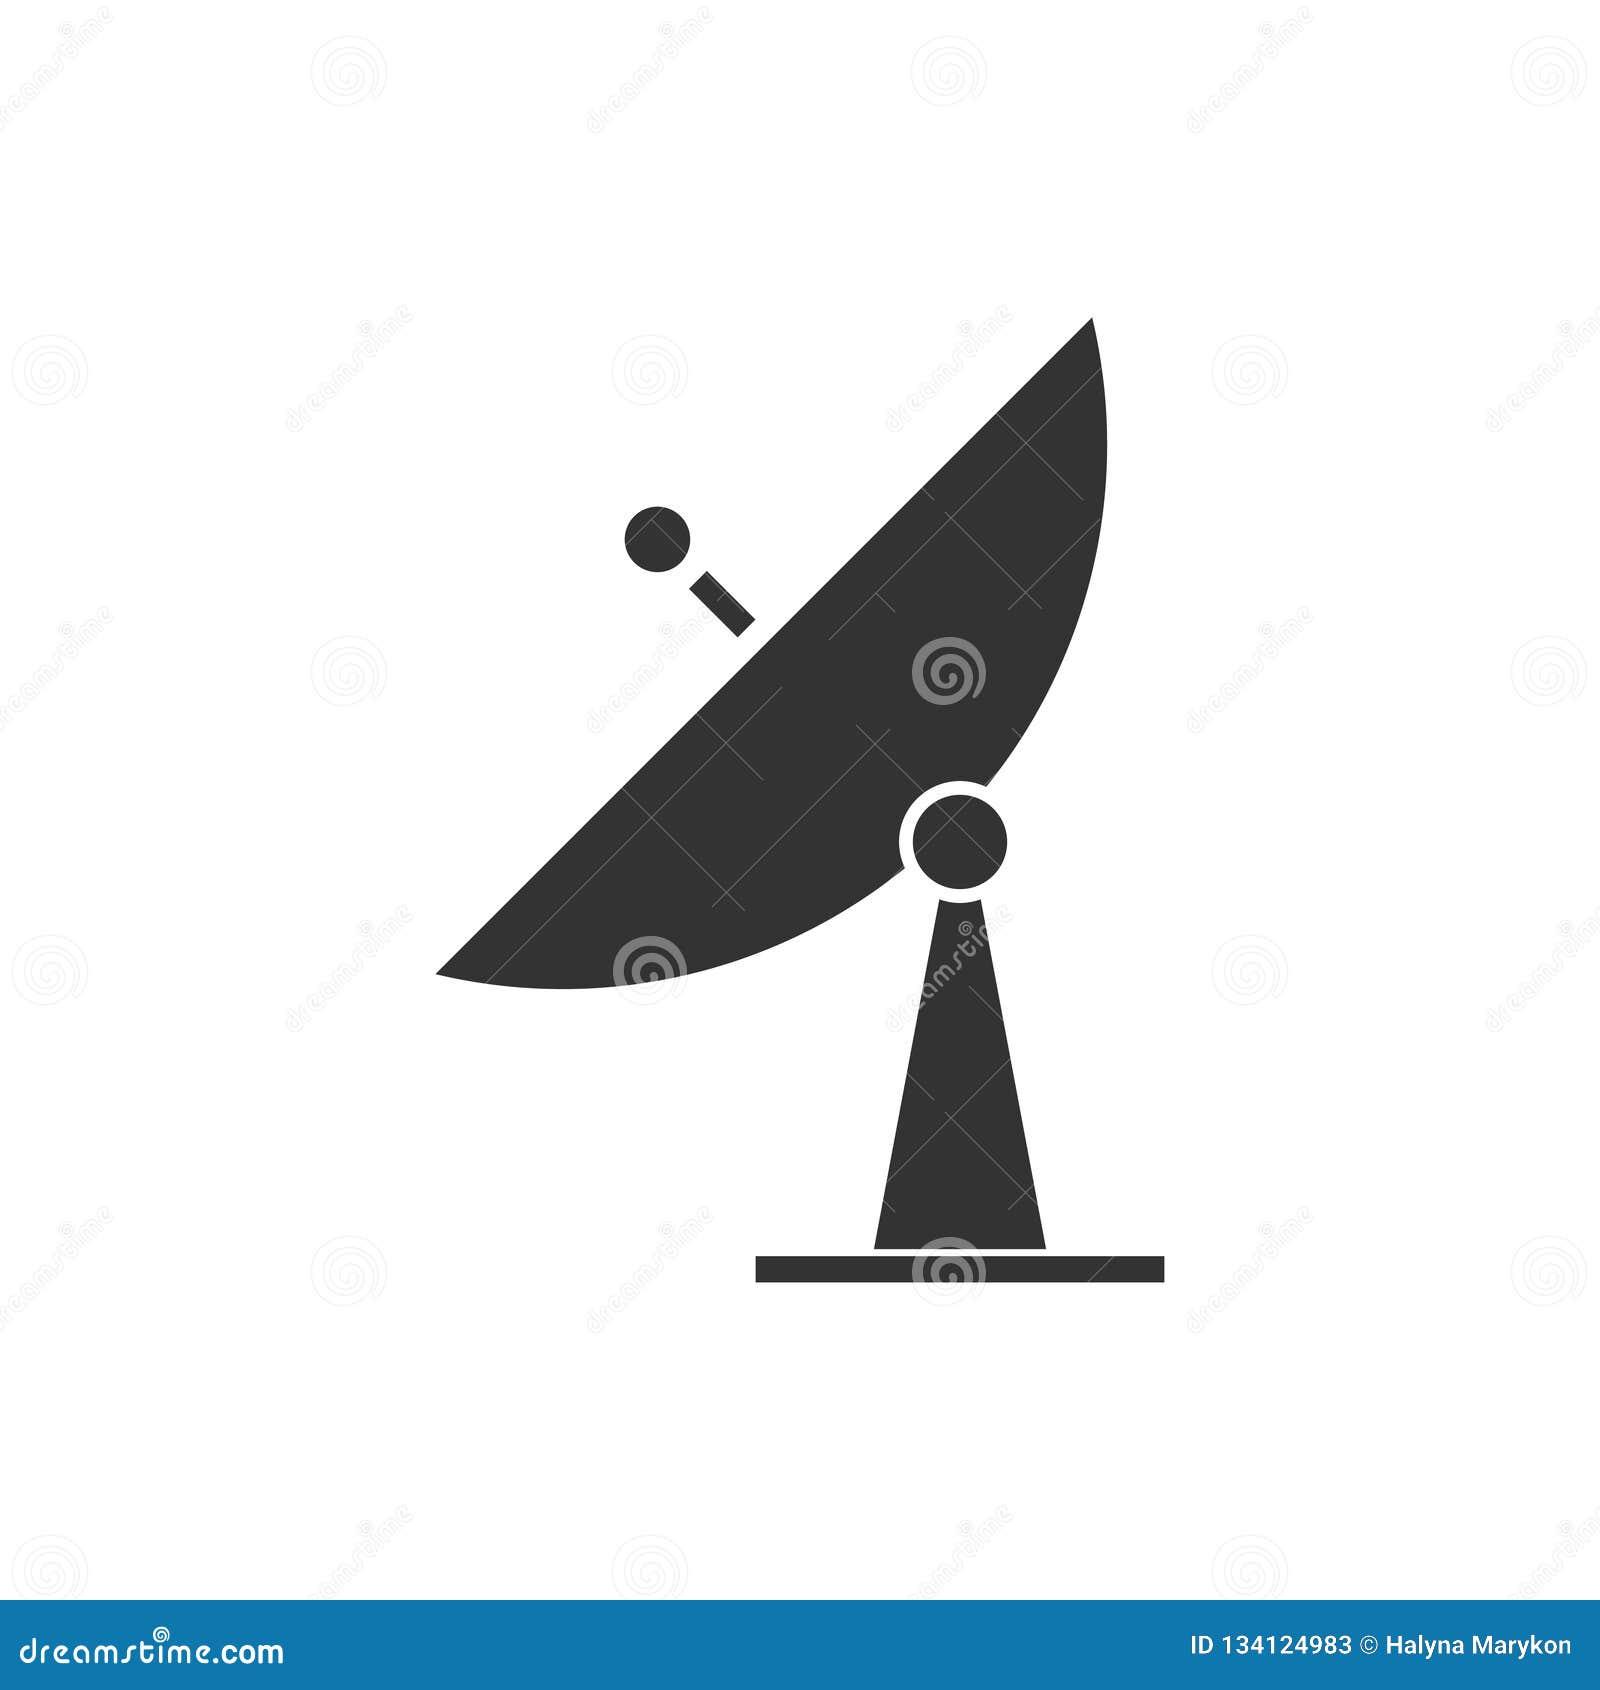 Plano do ícone da televisão satélite